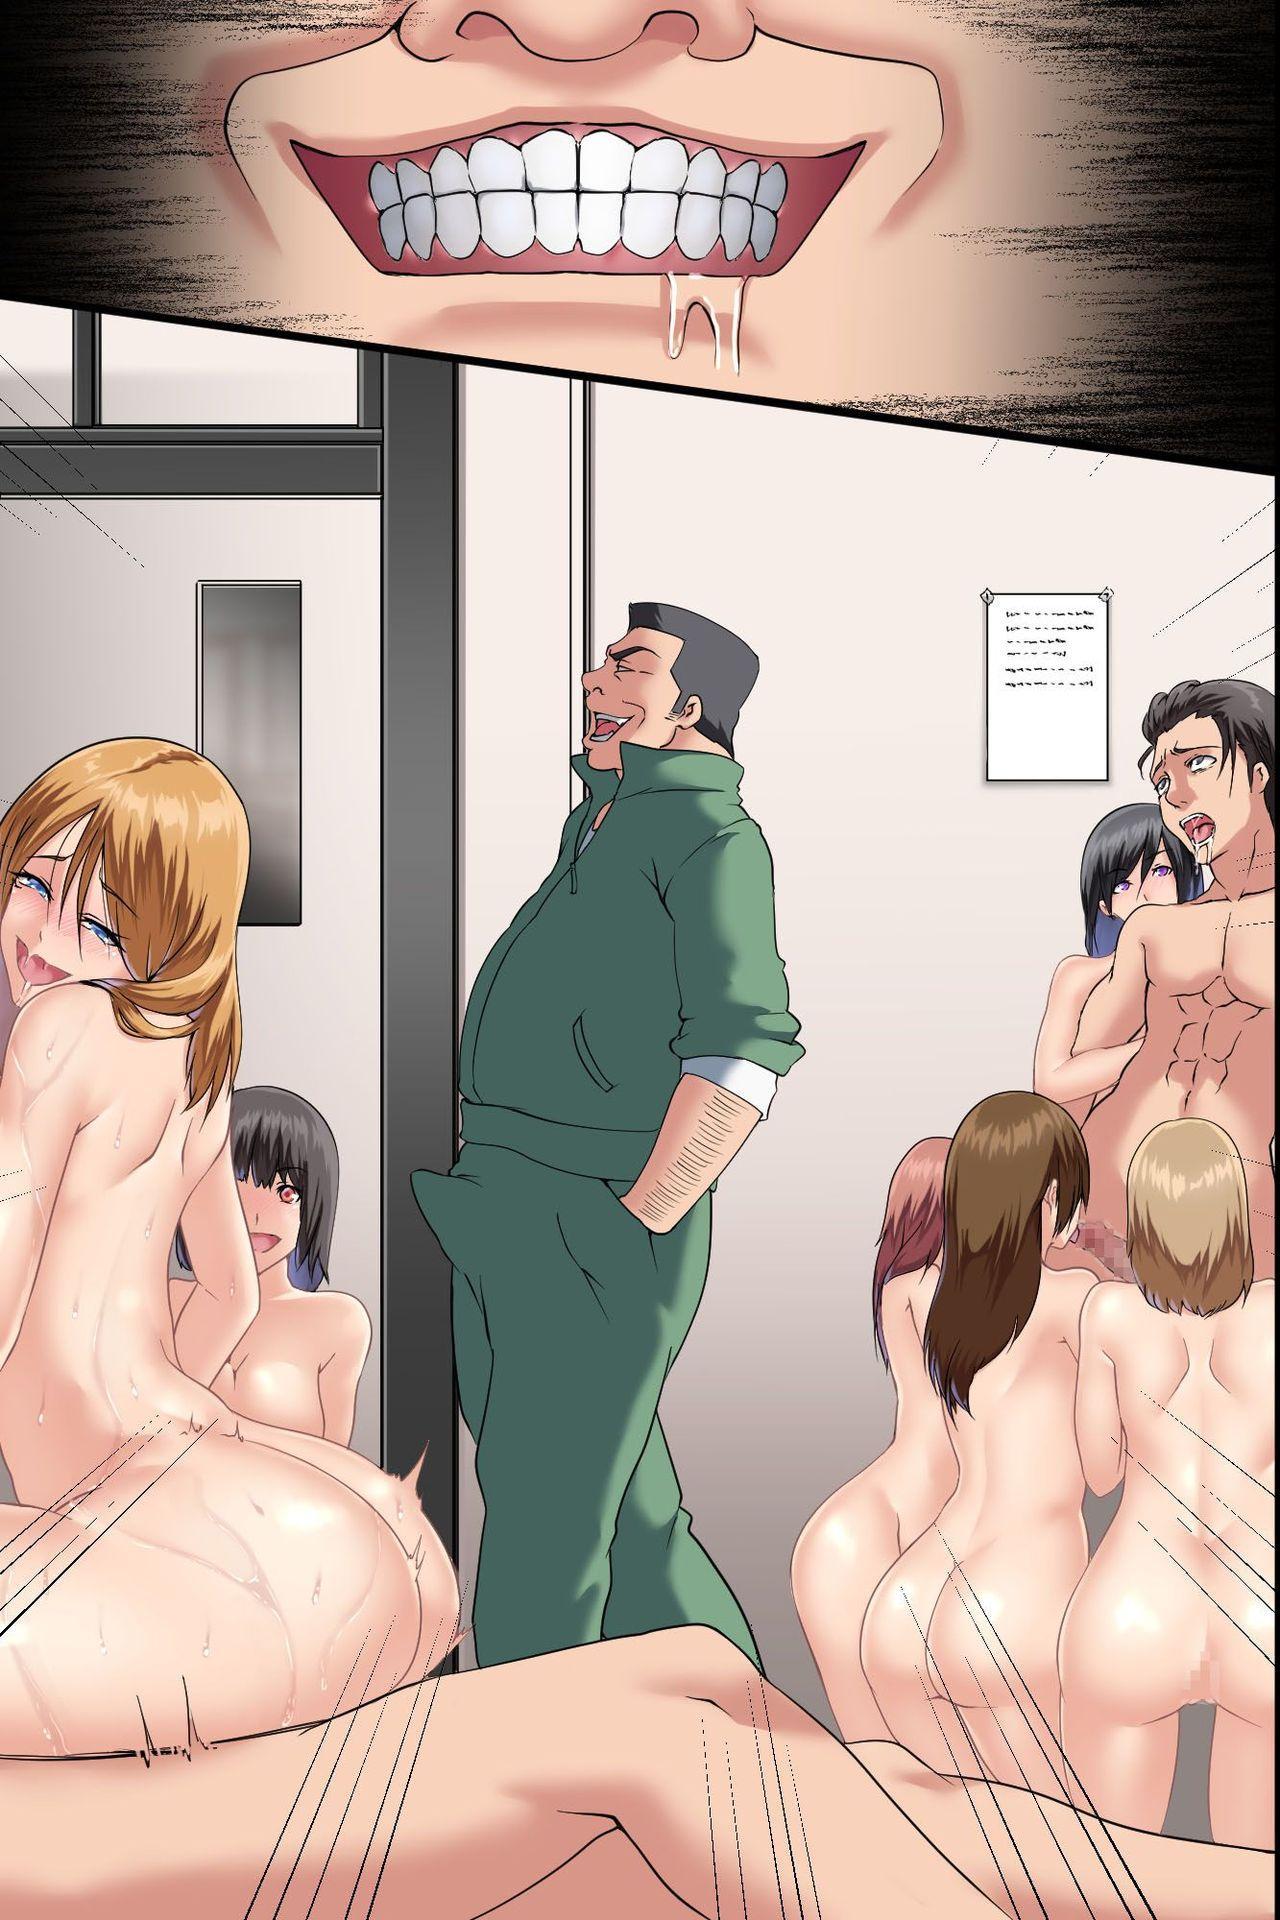 Pandemic ~ Hatsujou Virus ga Gakkou de Kakudai Shite Zen Joshi Seito ga Kansen Kanryou de Rankou Hamemakuri   淫慾瘟疫~發情病毒在學校裡蔓延使所有女學生被感染之後亂交抽插 73